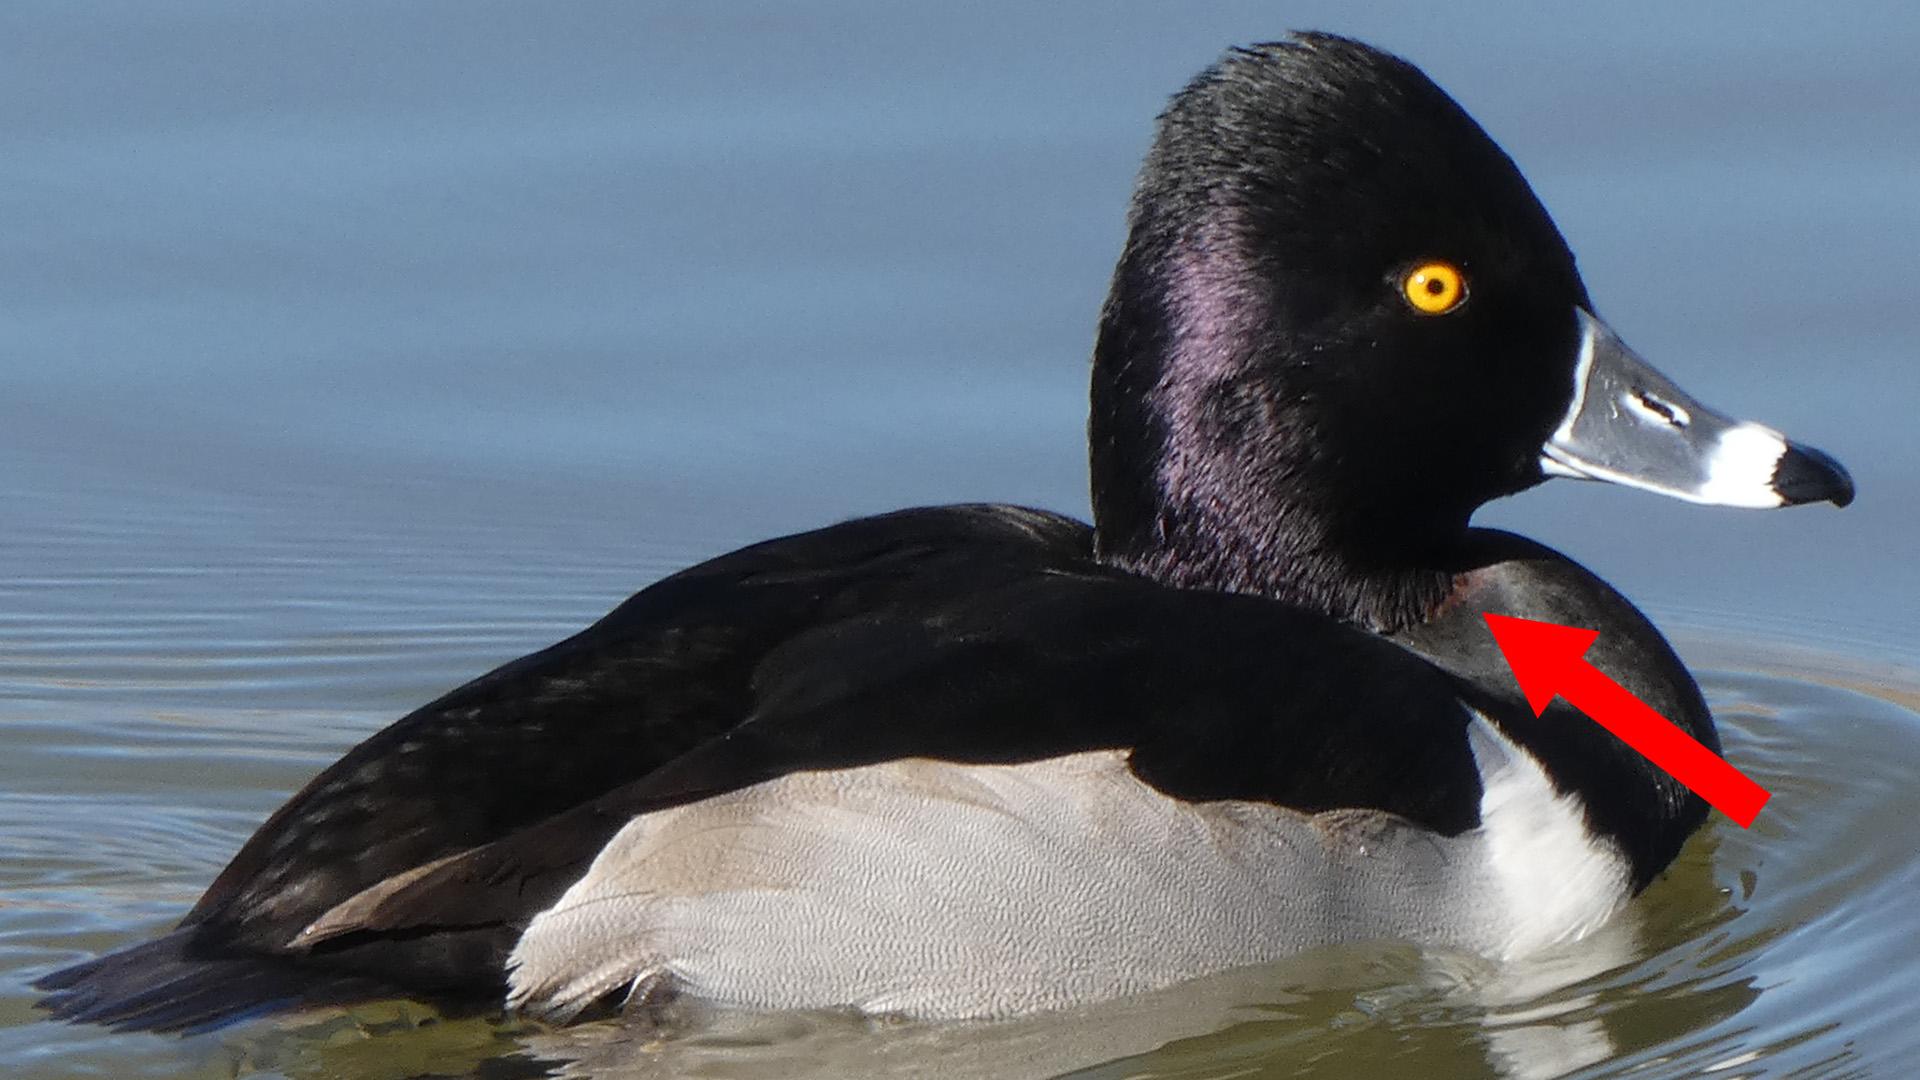 Male, Rio Grande Bosque, Albuquerque, January 2021